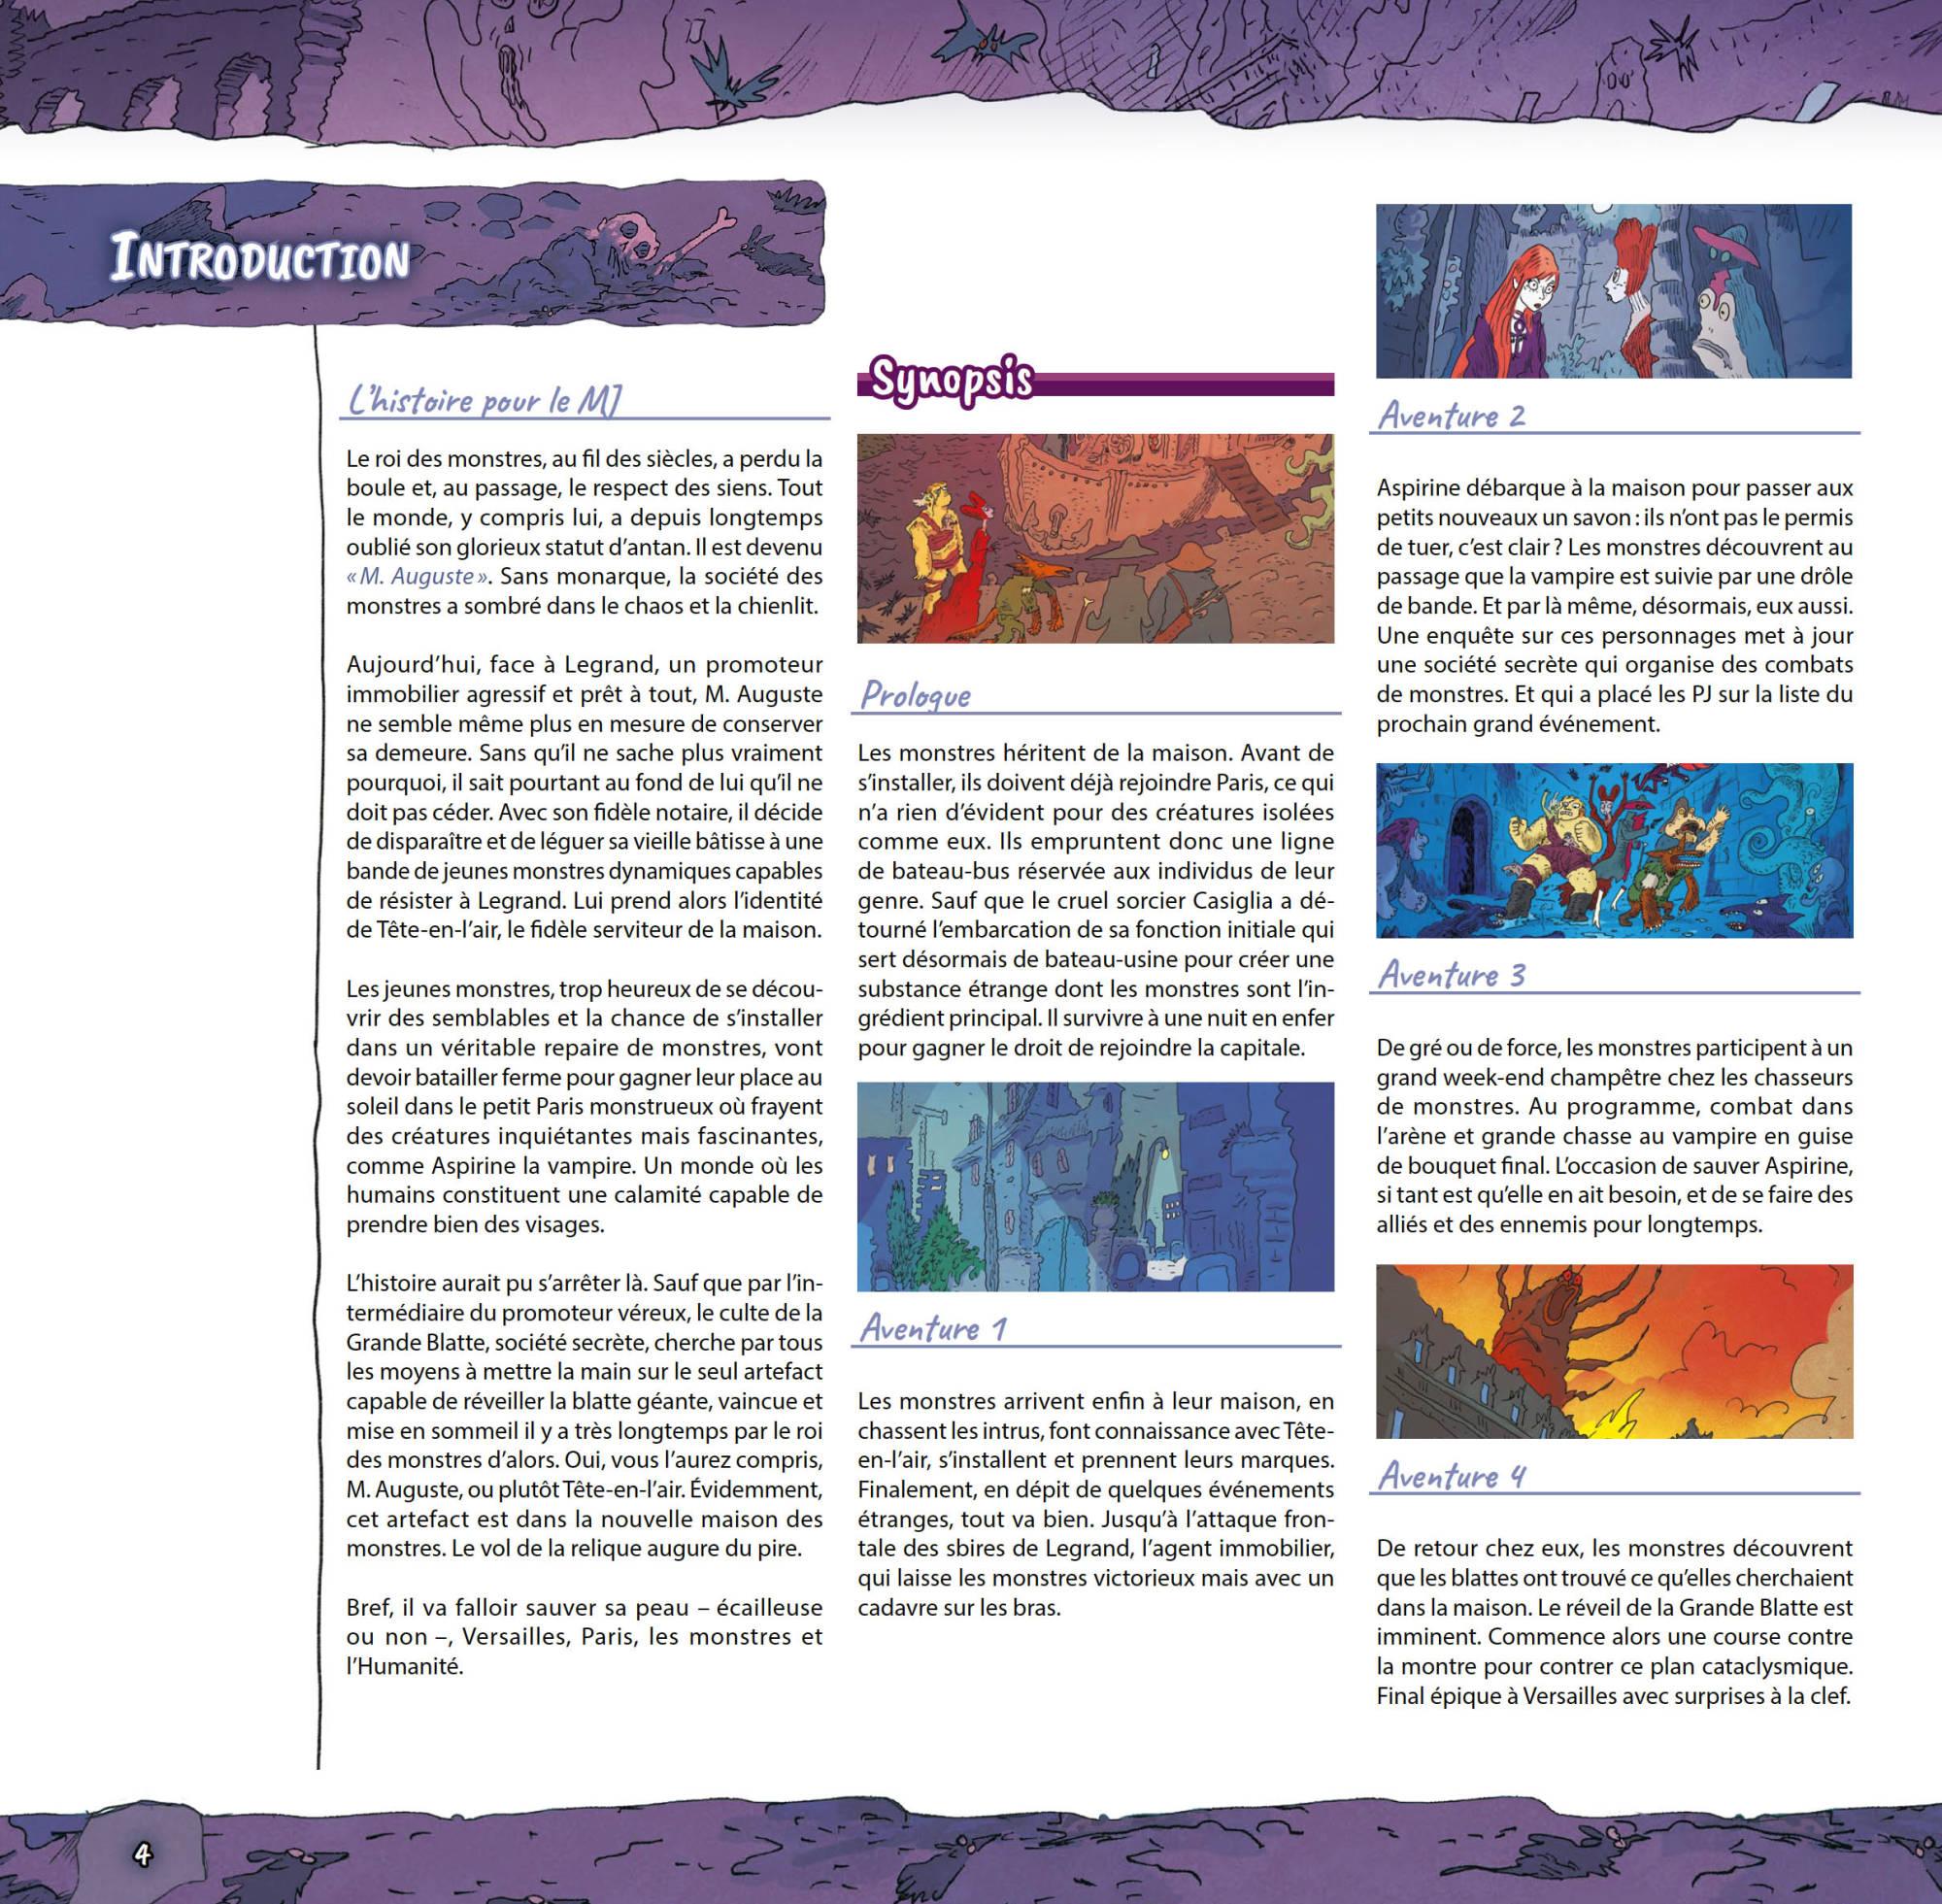 Monstres - Initiation au jeu d'Aventures, intro à la campagne © Black Book / Sfar / Bernasconi / Lhomme